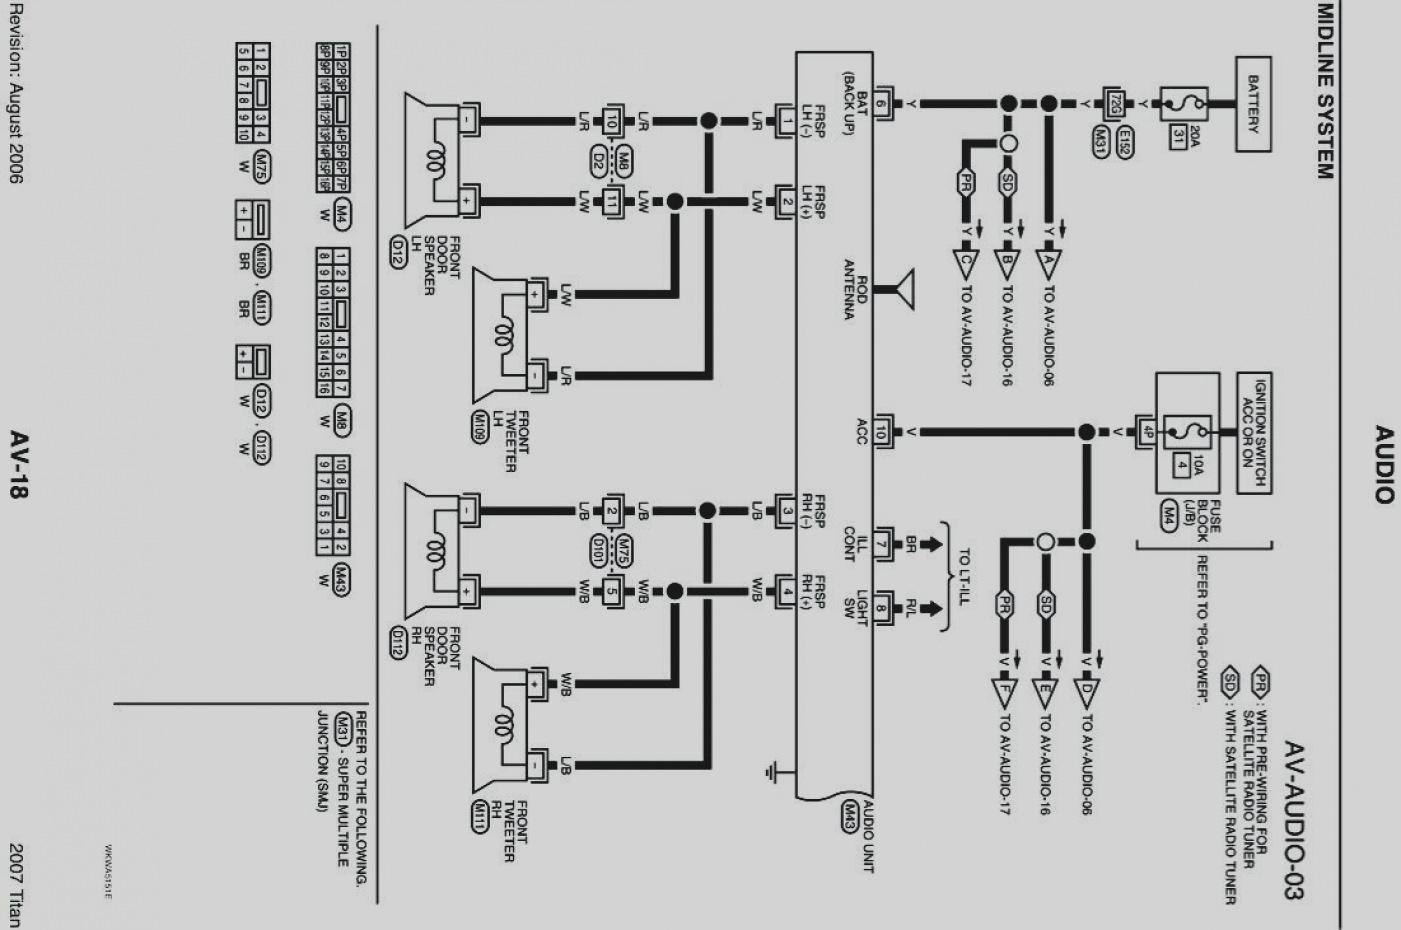 hight resolution of nissan titan rockford fosgate wiring diagram nissan titan rockford fosgate wiring diagram nissan titan wiring